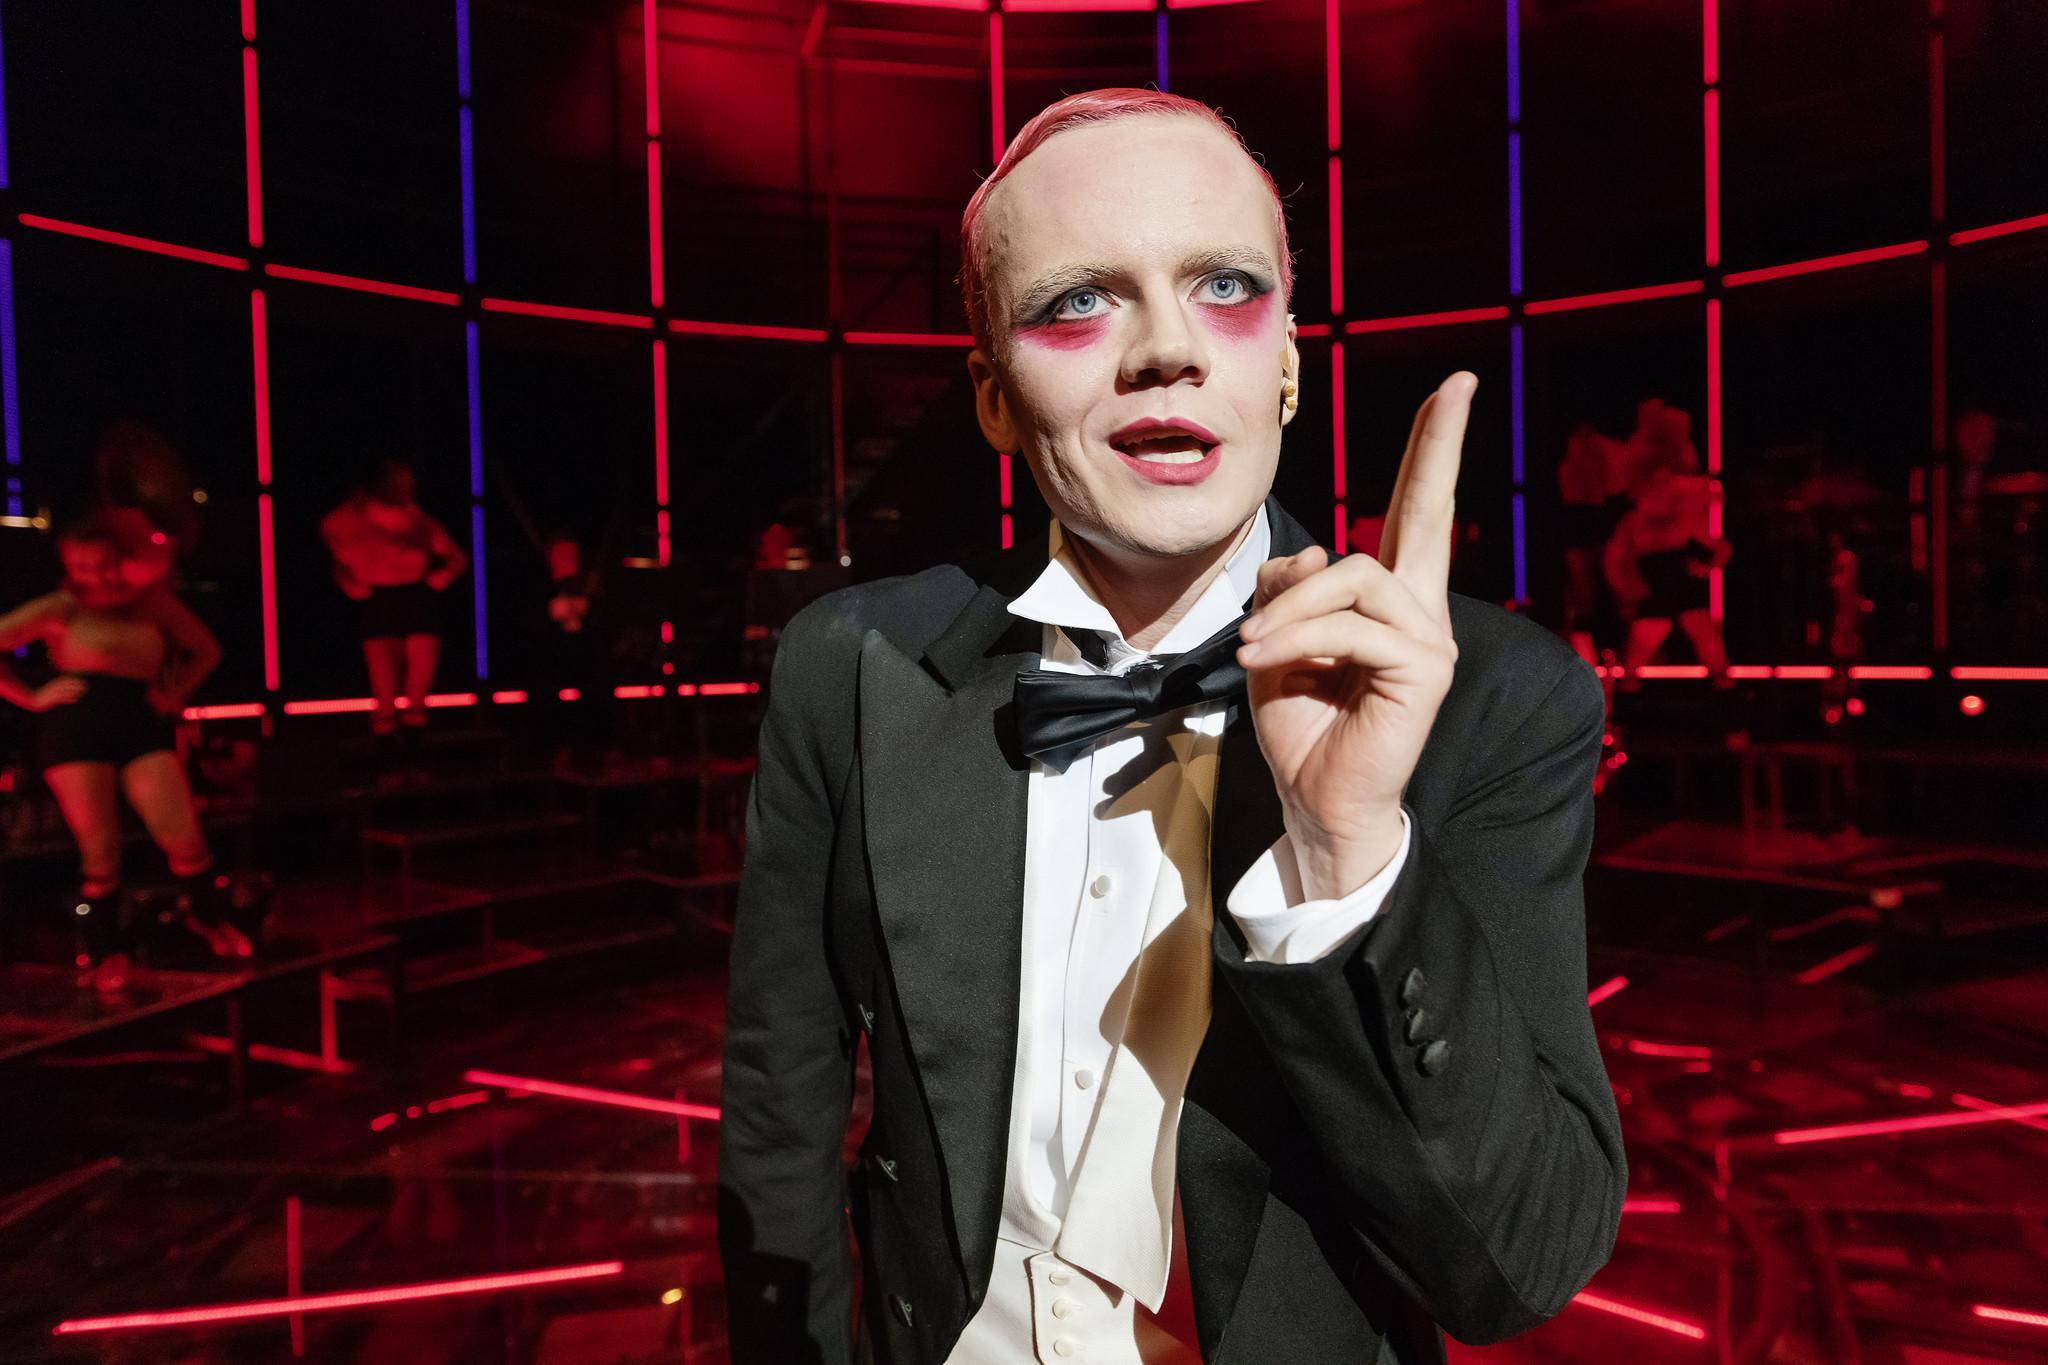 Turun Kaupunginteatterin Cabaret